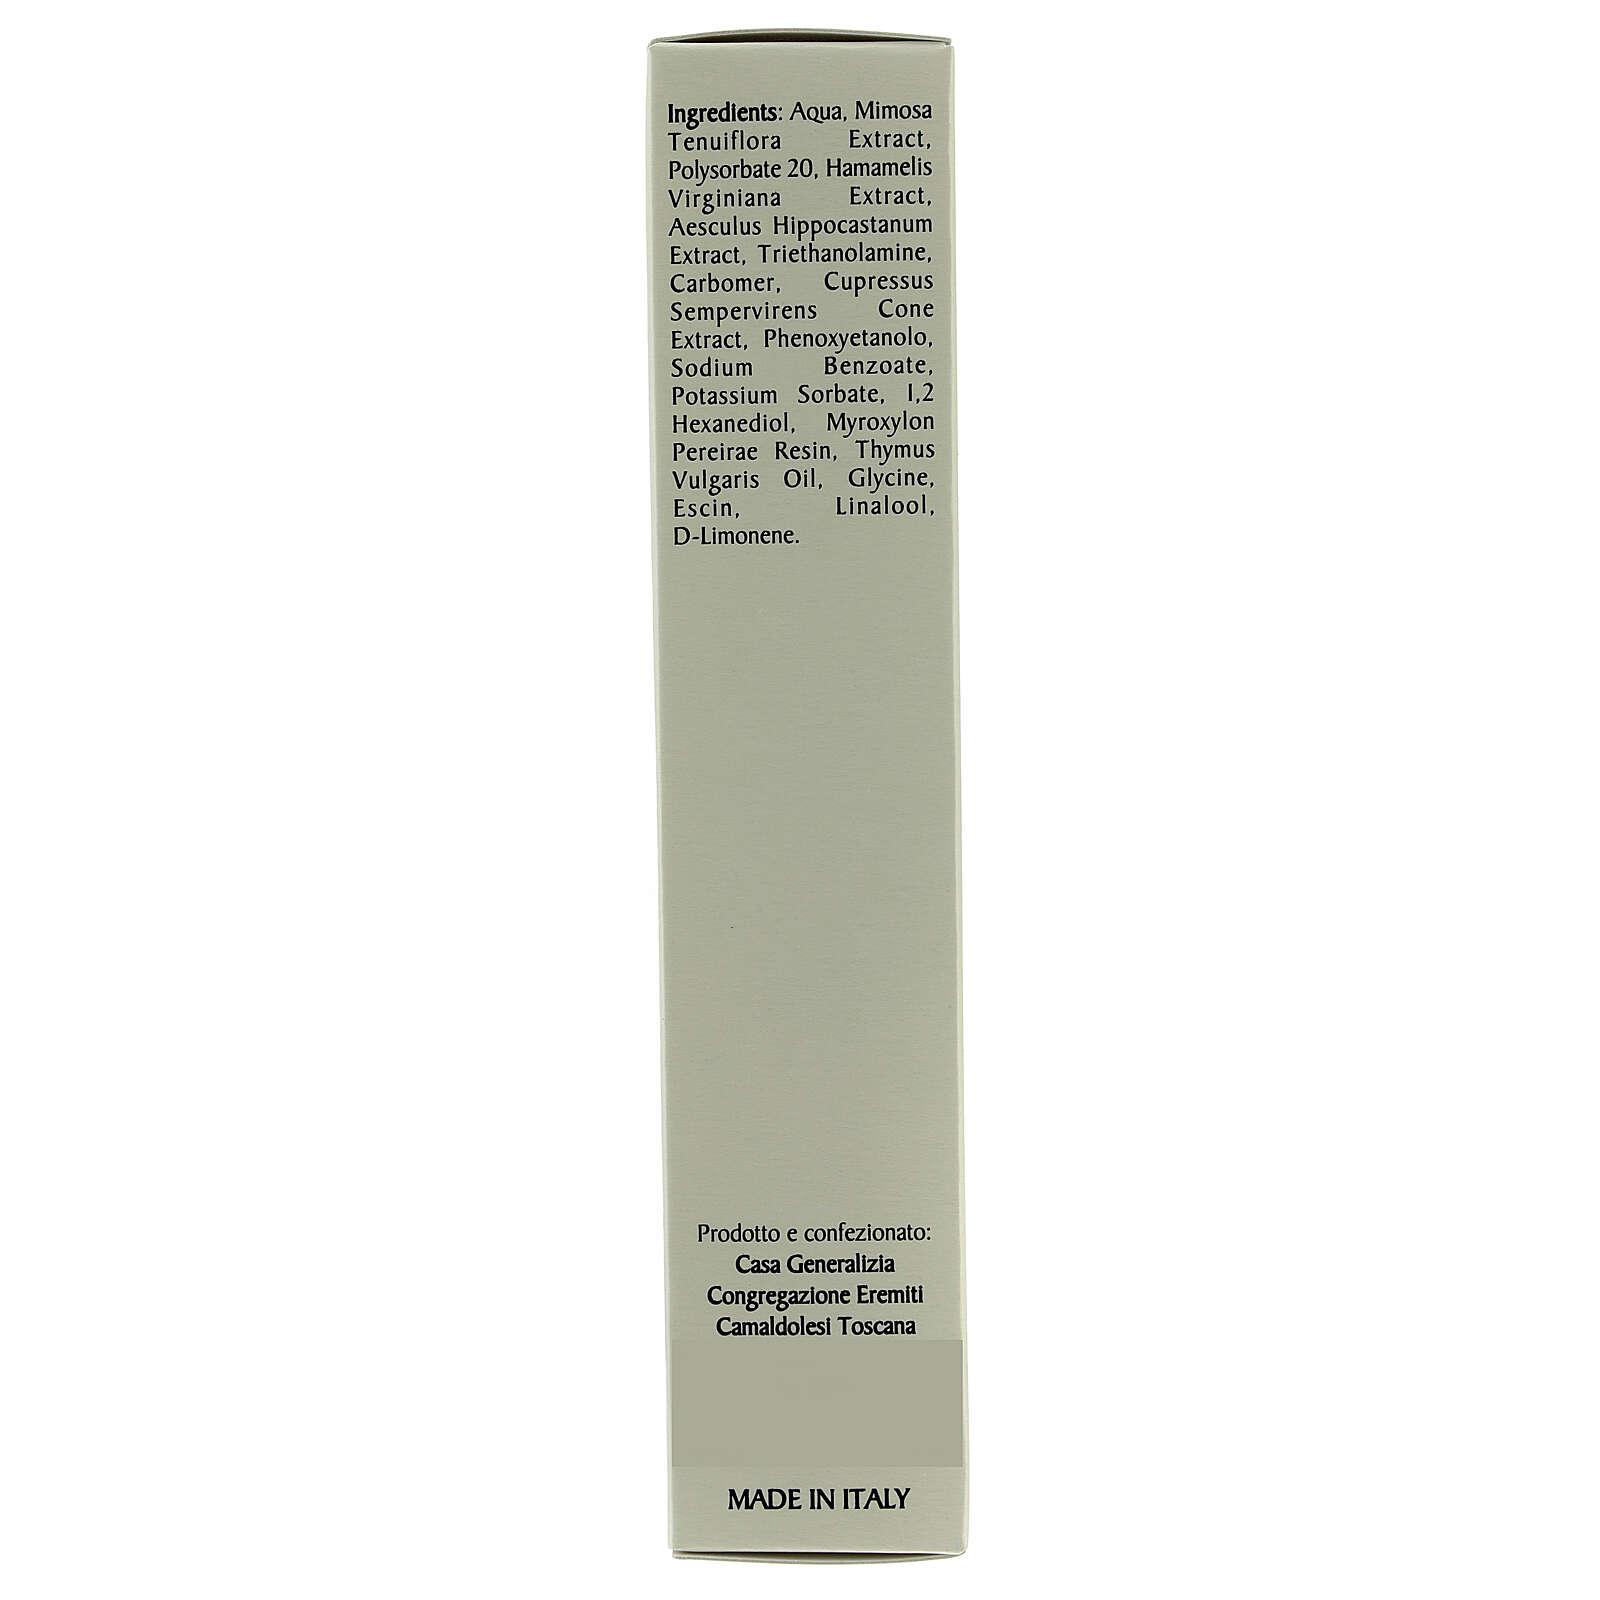 Gel de Castaño de Indias (30 ml) 4